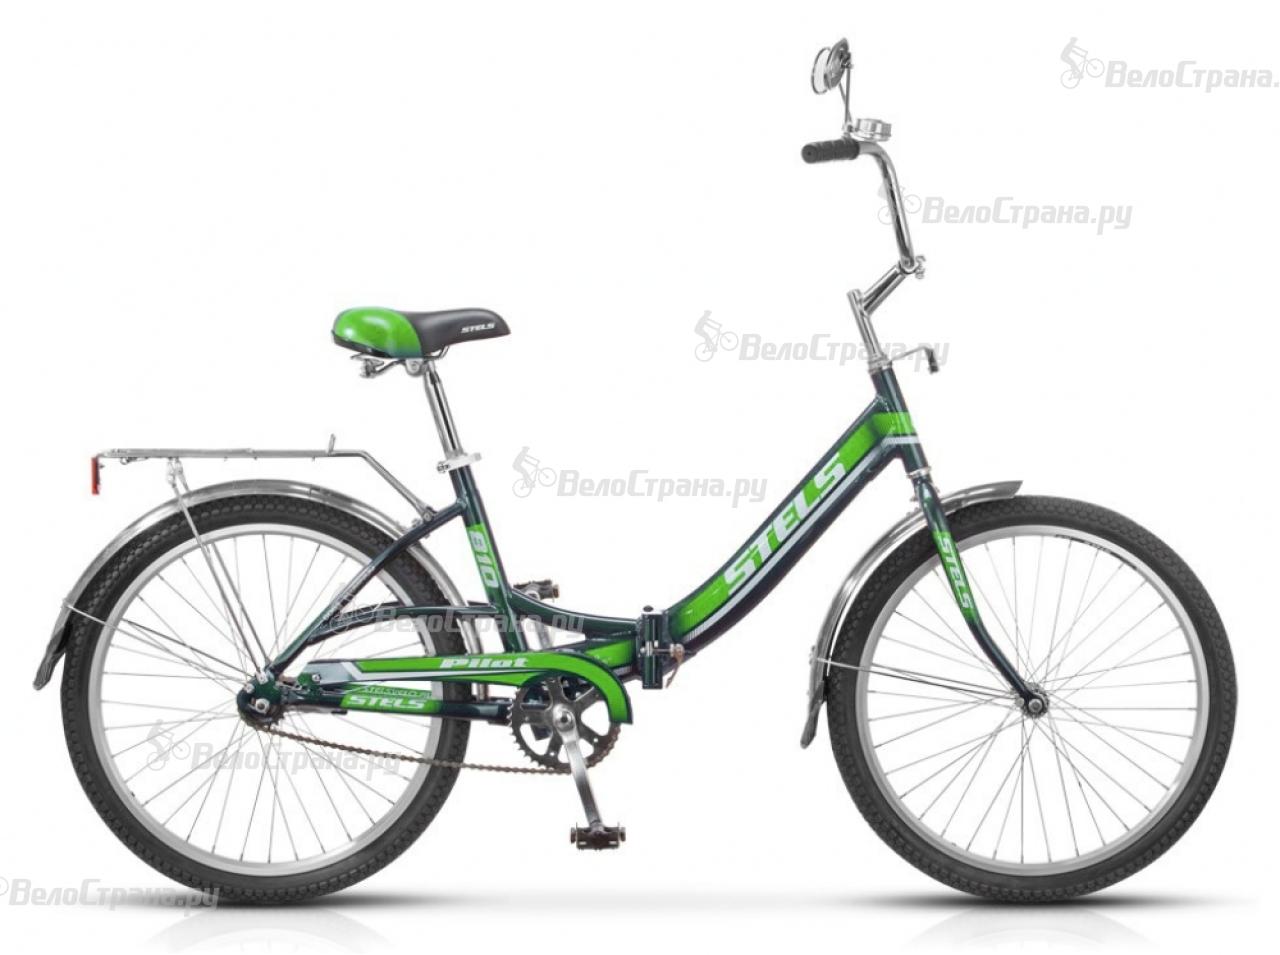 Велосипед Stels Pilot 810 (2013) велосипед stels pilot 810 2015